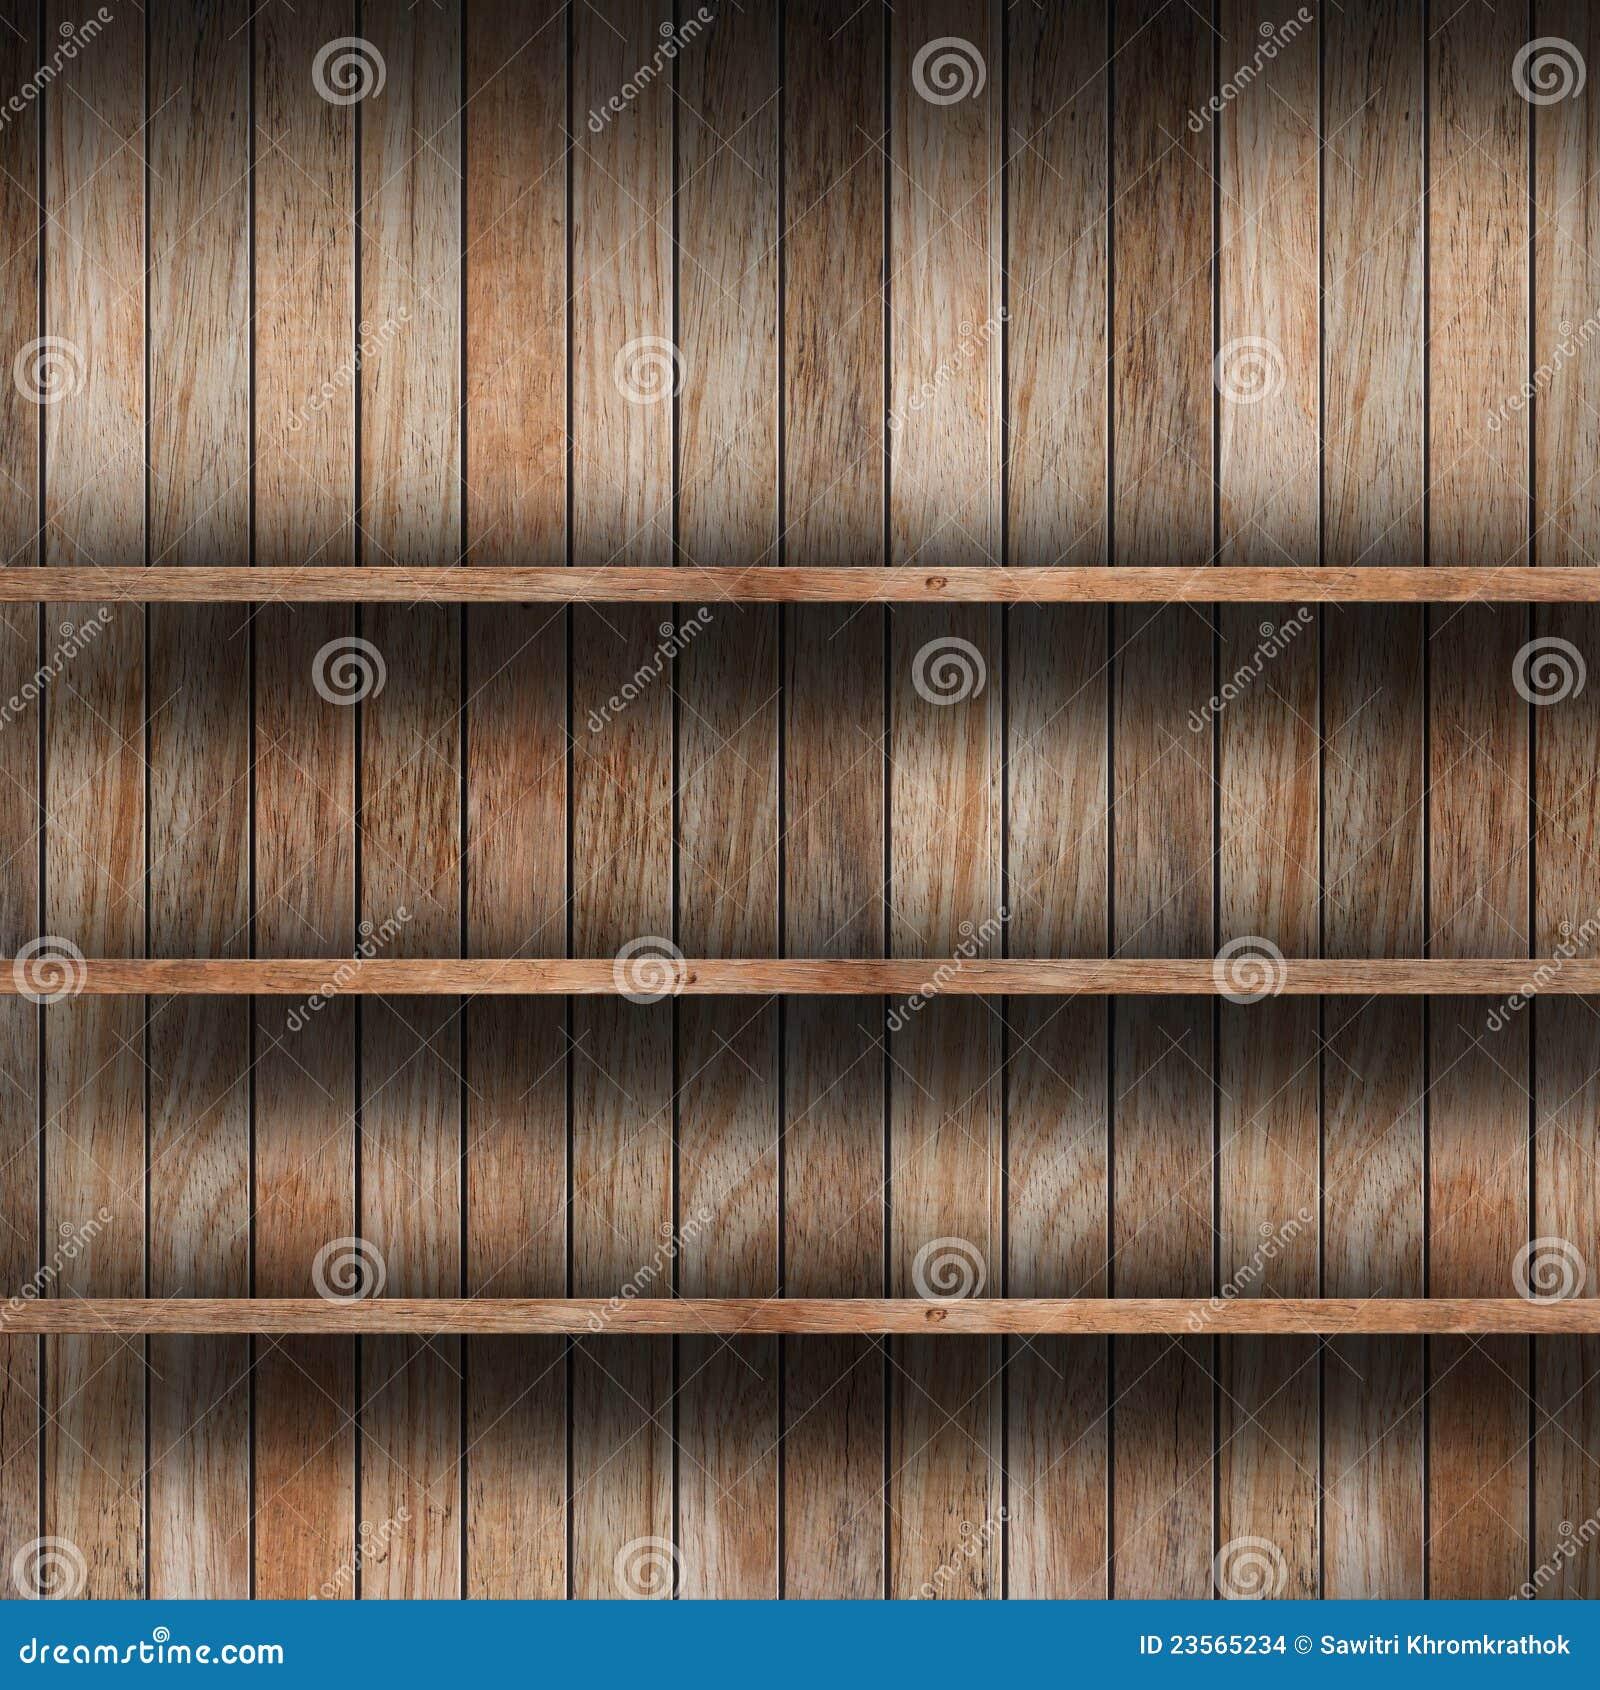 Prateleira De Madeira Vazia Imagens de Stock Imagem: 23565234 #83A625 1300x1390